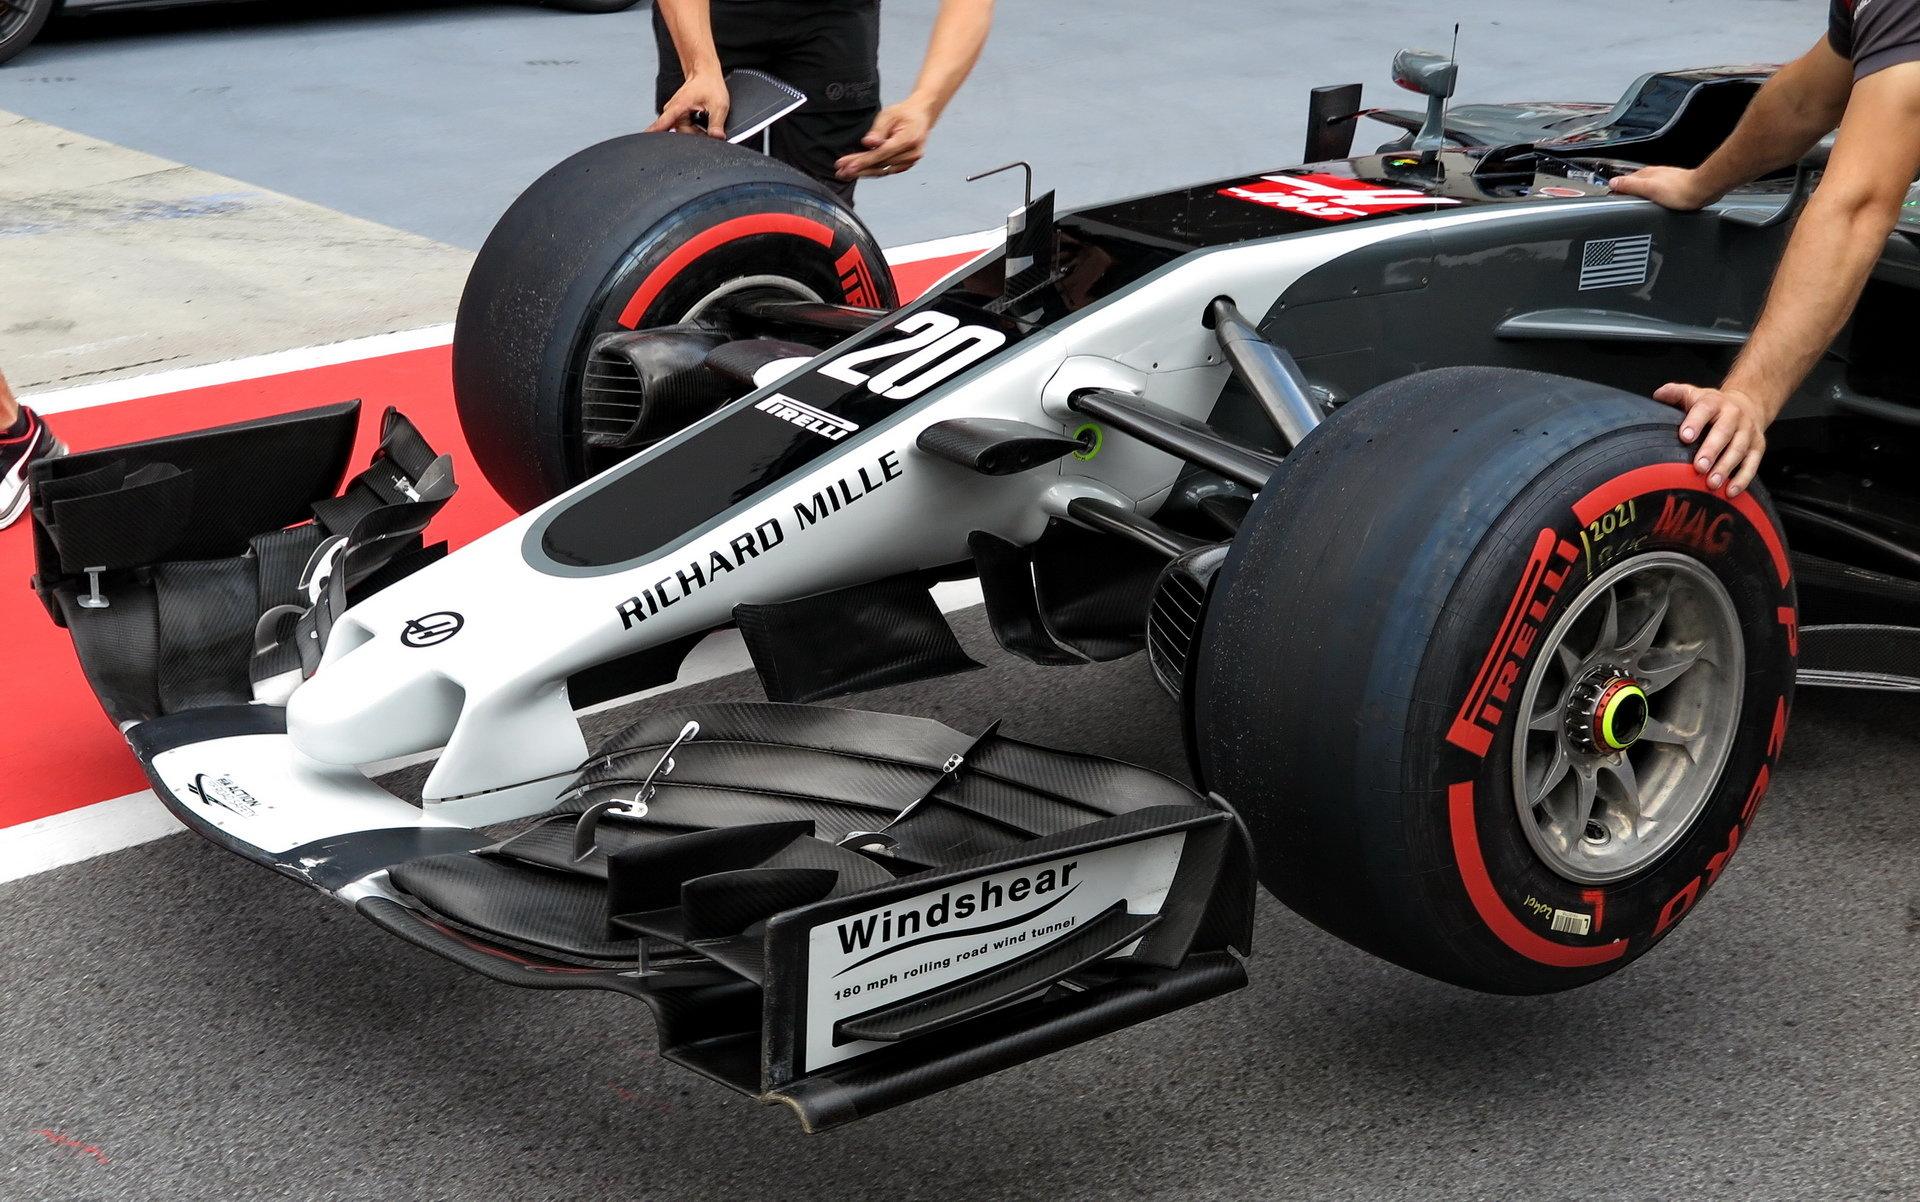 Haas využívá brzdy Brembo, Grosjean s nimi ale není spokojený